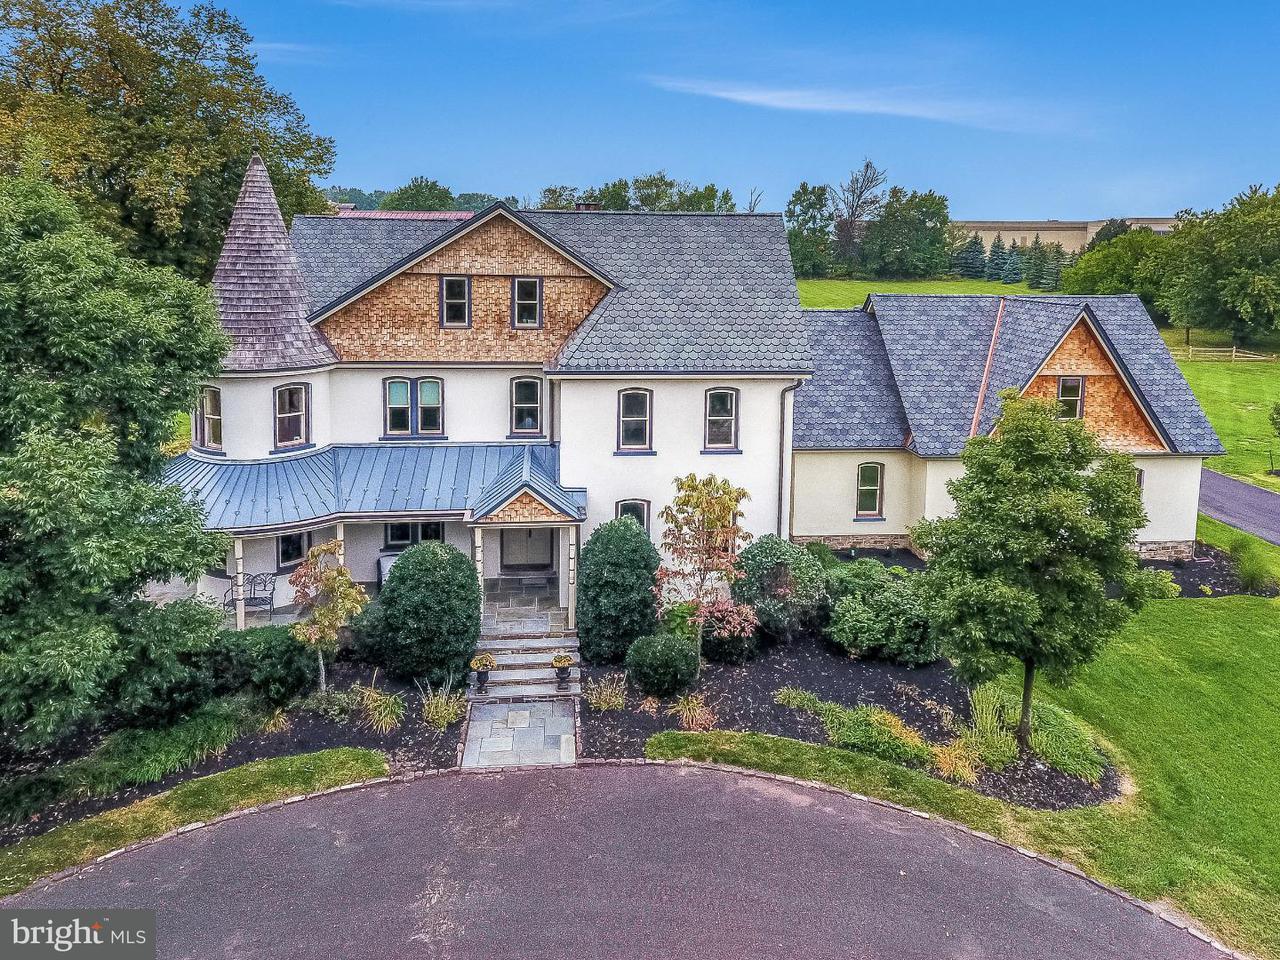 Tek Ailelik Ev için Satış at 1545 N TROOPER Road Norristown, Pennsylvania 19403 Amerika Birleşik Devletleri